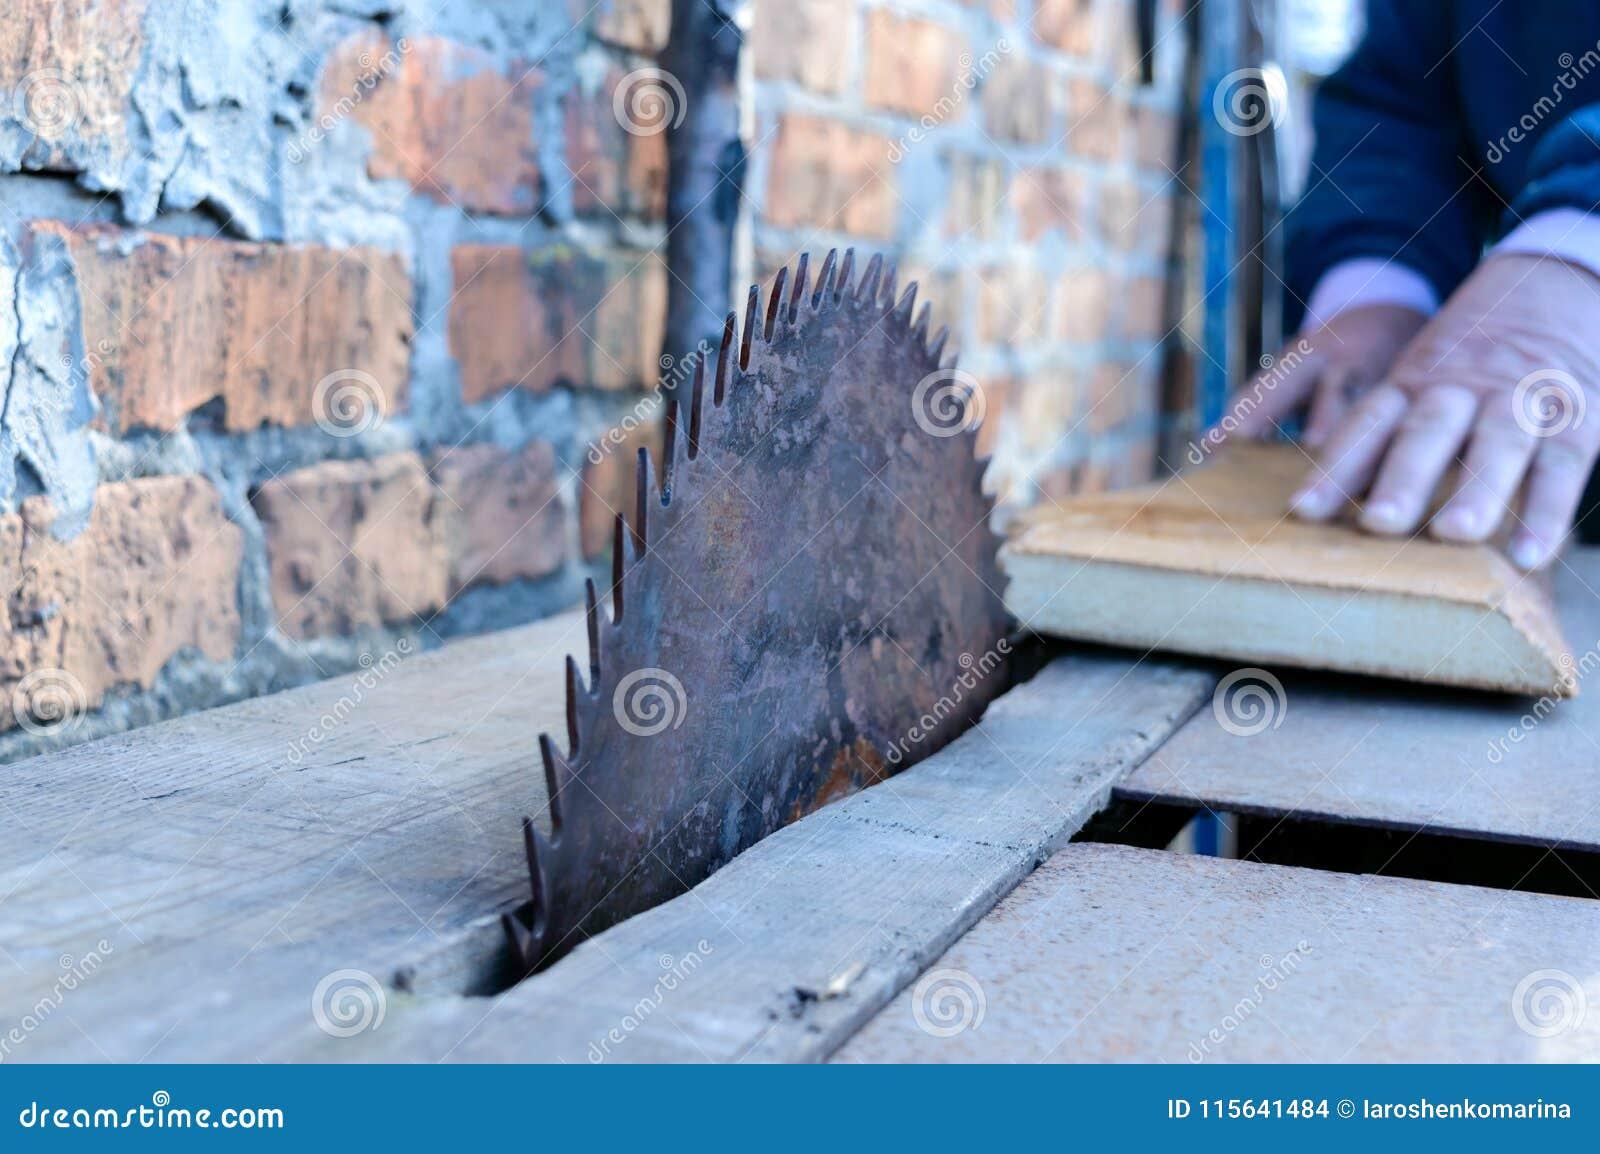 Zaagmolen Oude machine om raad te zagen Cirkelzagen De houtbewerkingsindustrie